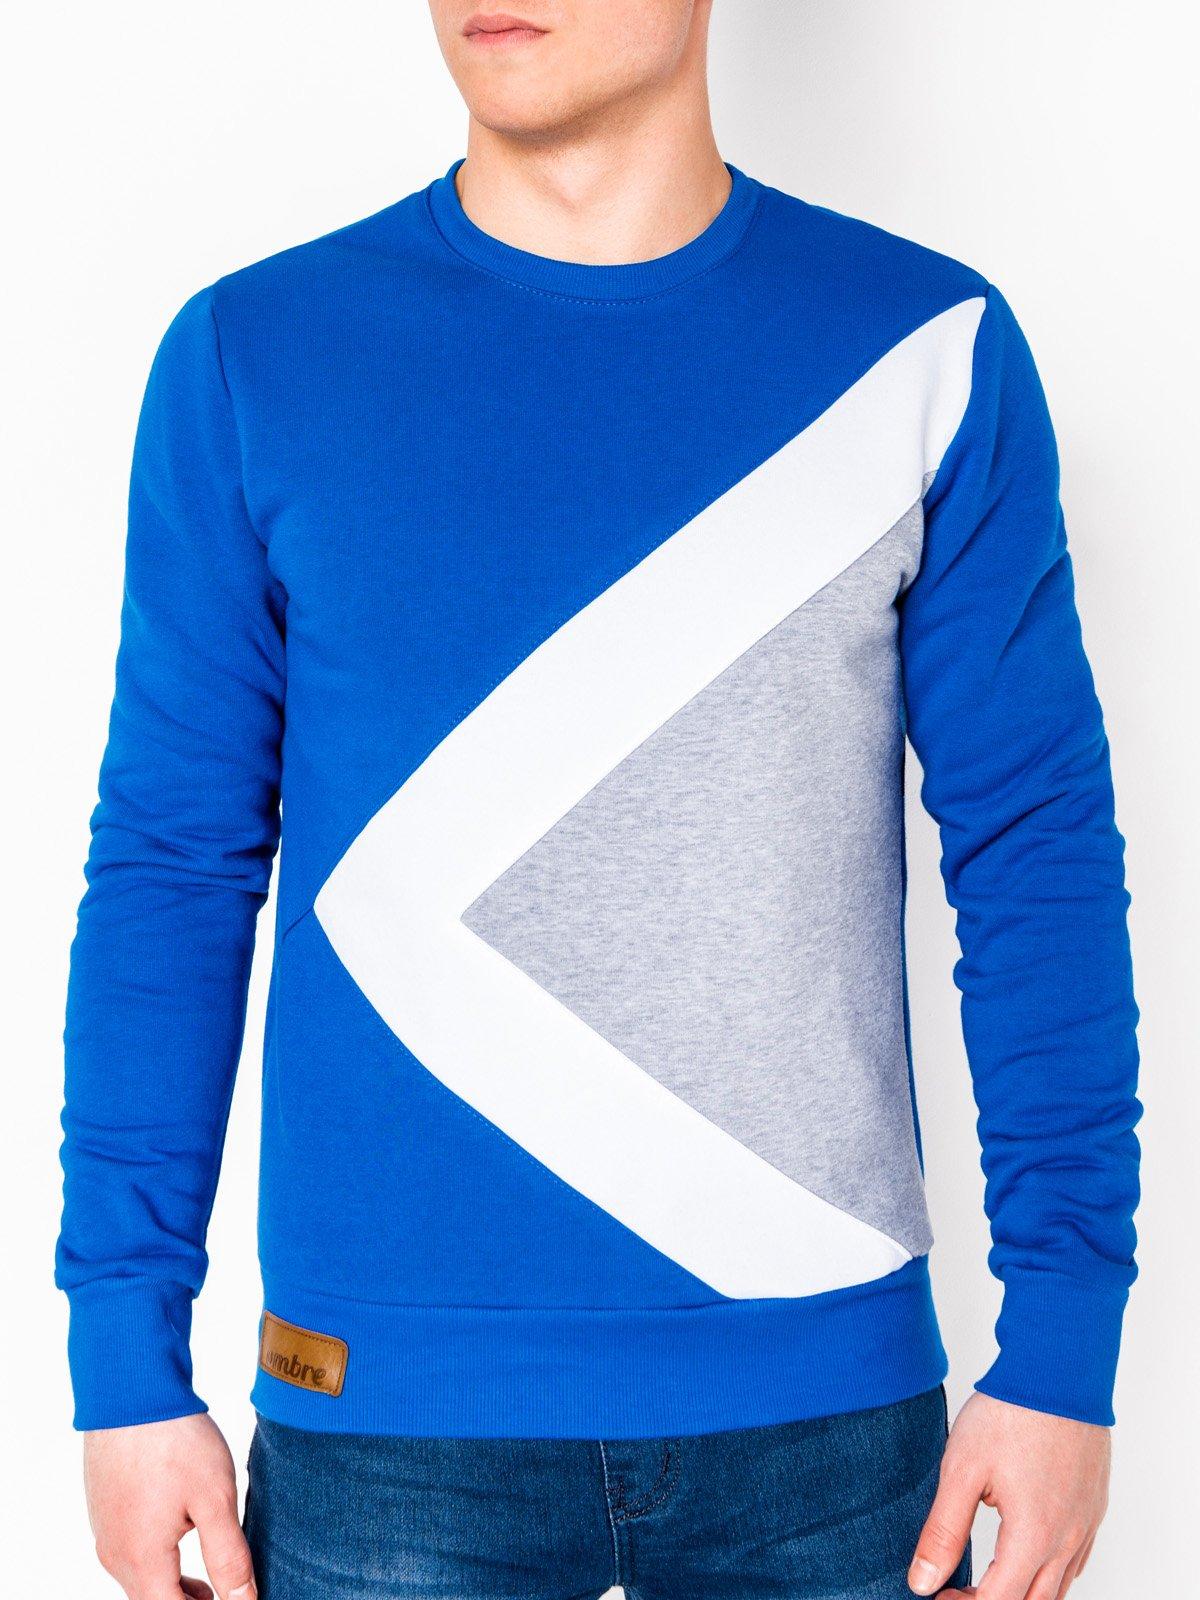 Купить Толстовка чоловіча без капюшона erico B575 - синя, Ombre Clothing